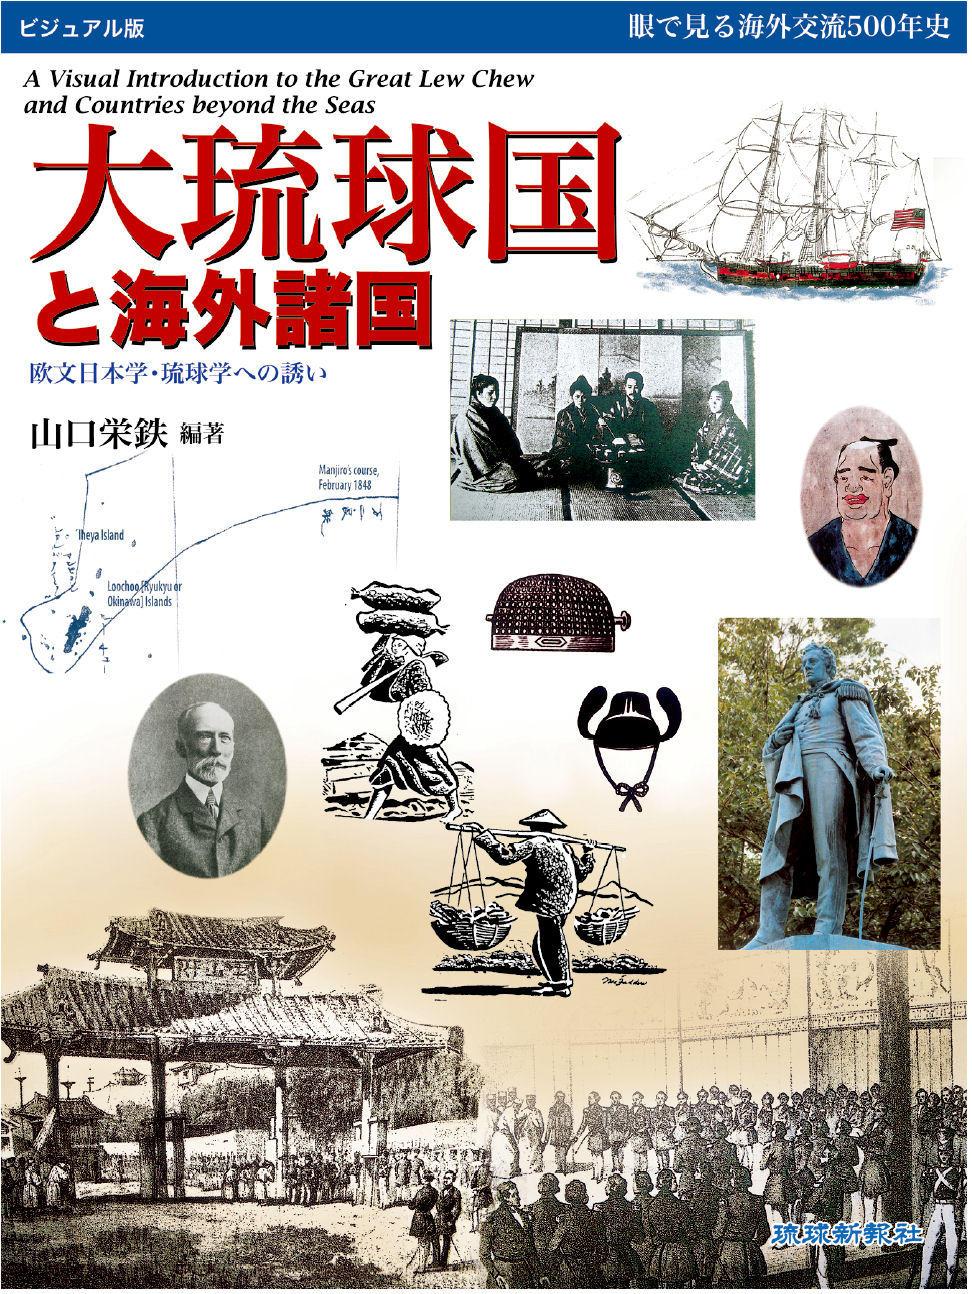 2011.3.13(日)沖縄那覇講演会を開催の予定です。